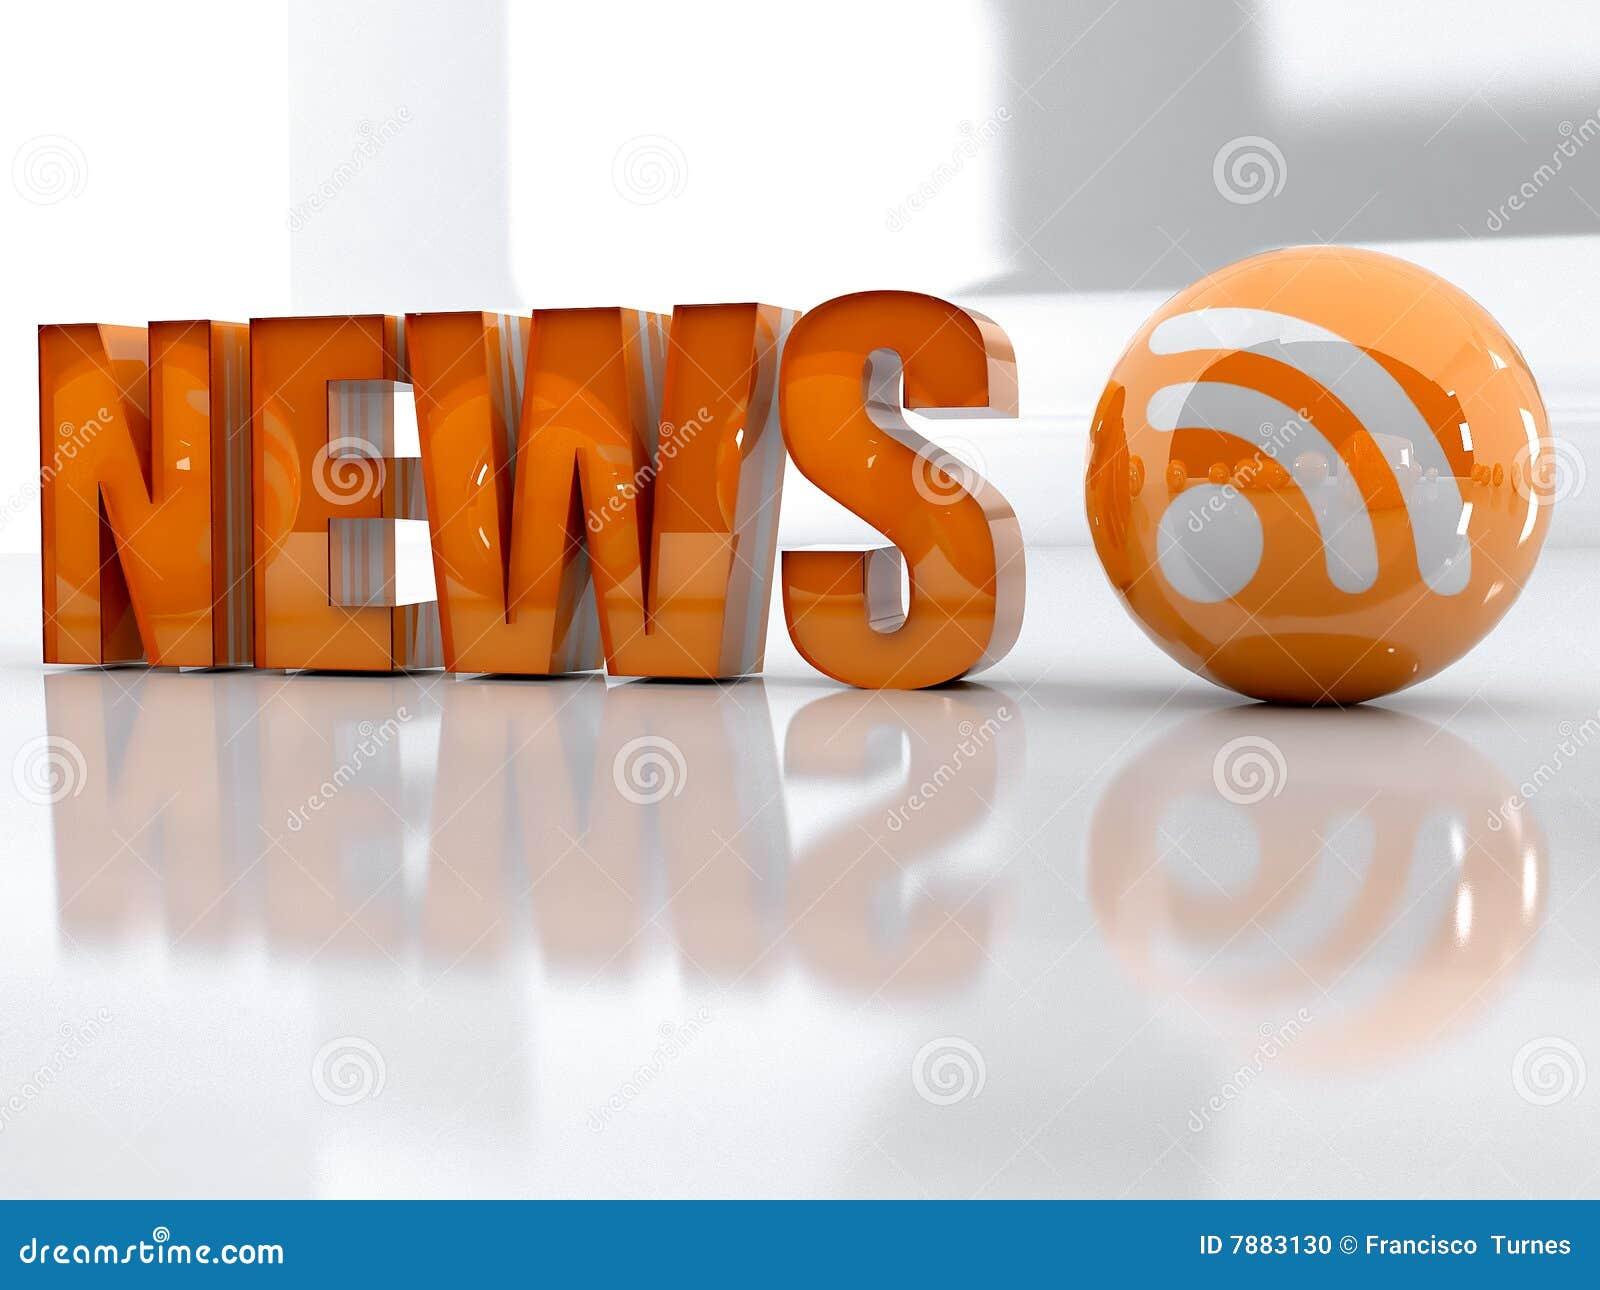 Wiadomości rss